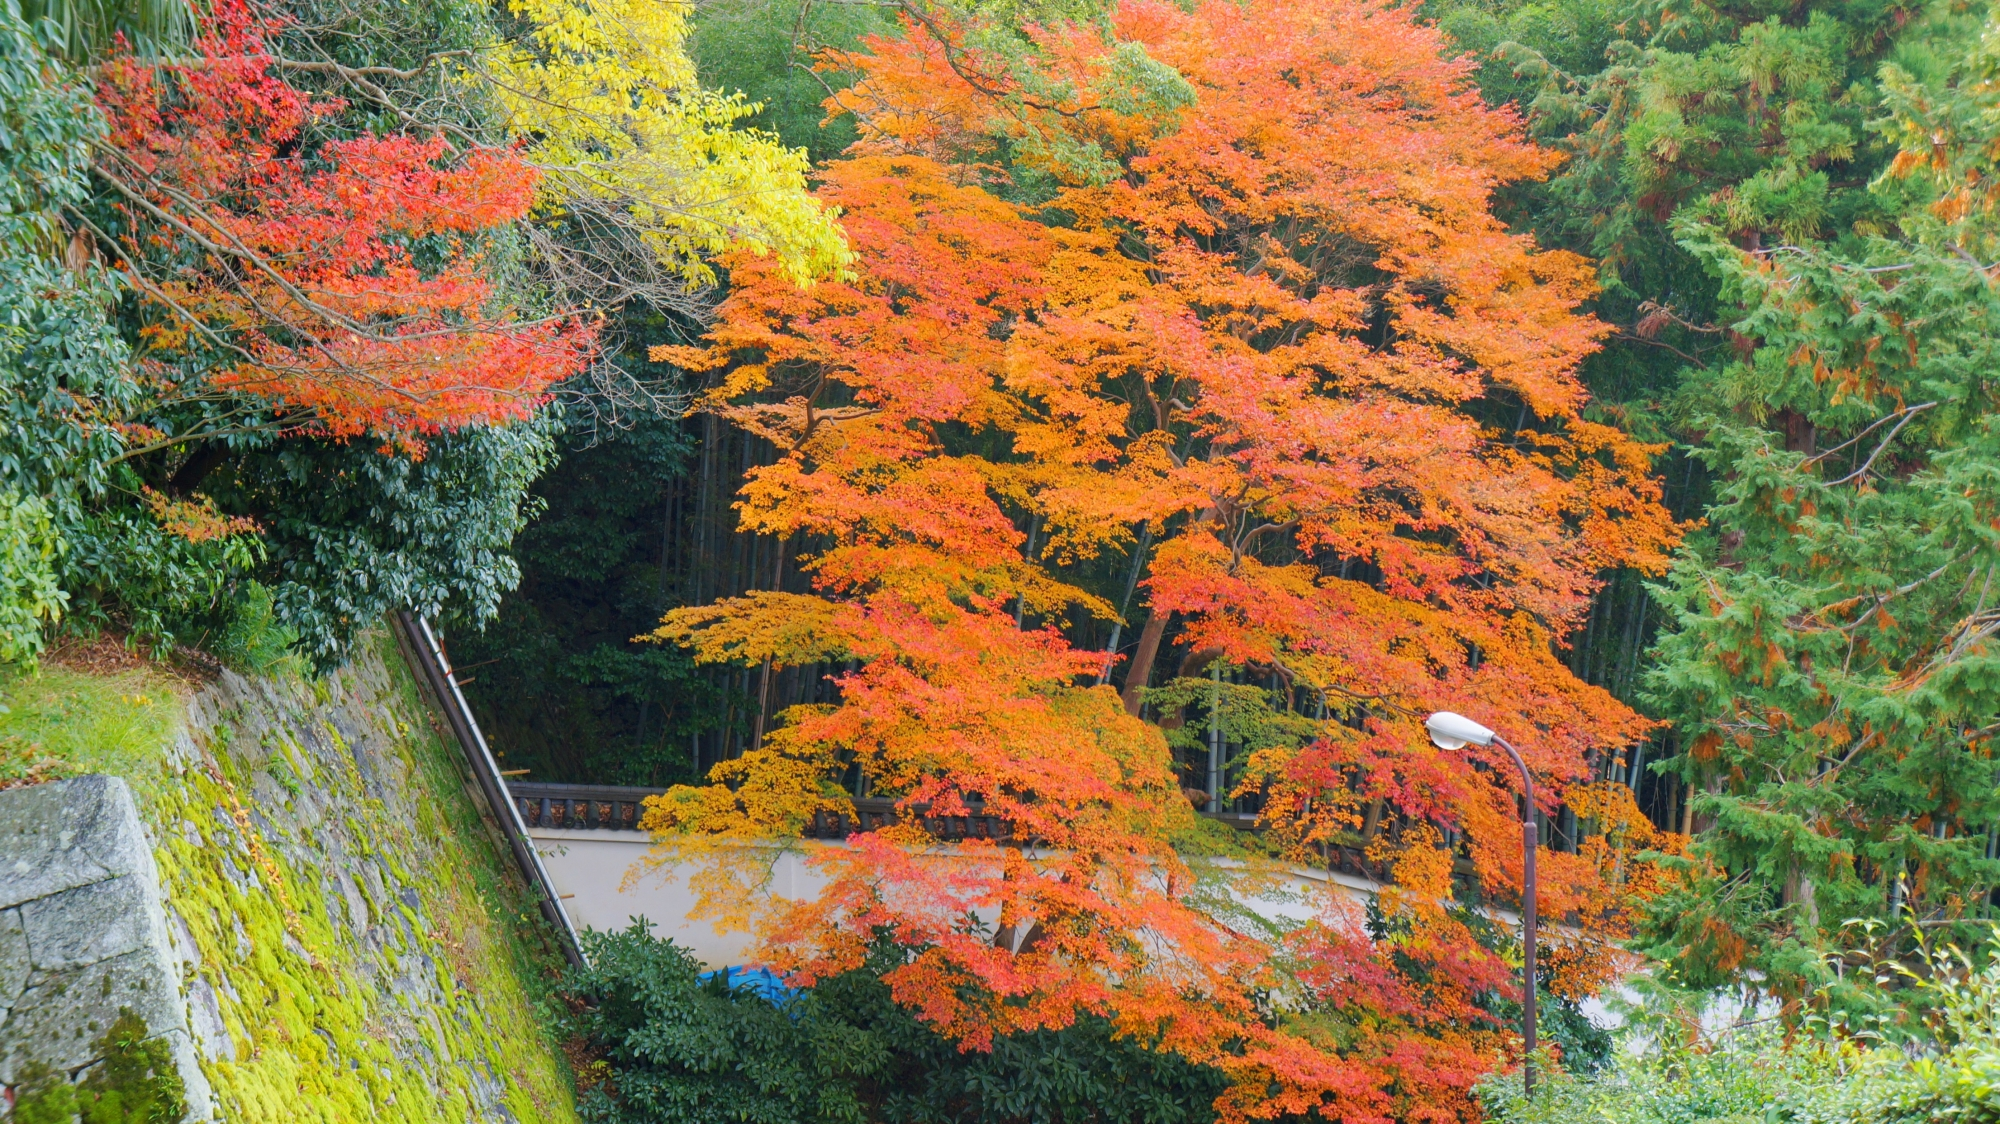 黒門坂の緑の中で優雅に色づく淡い紅葉